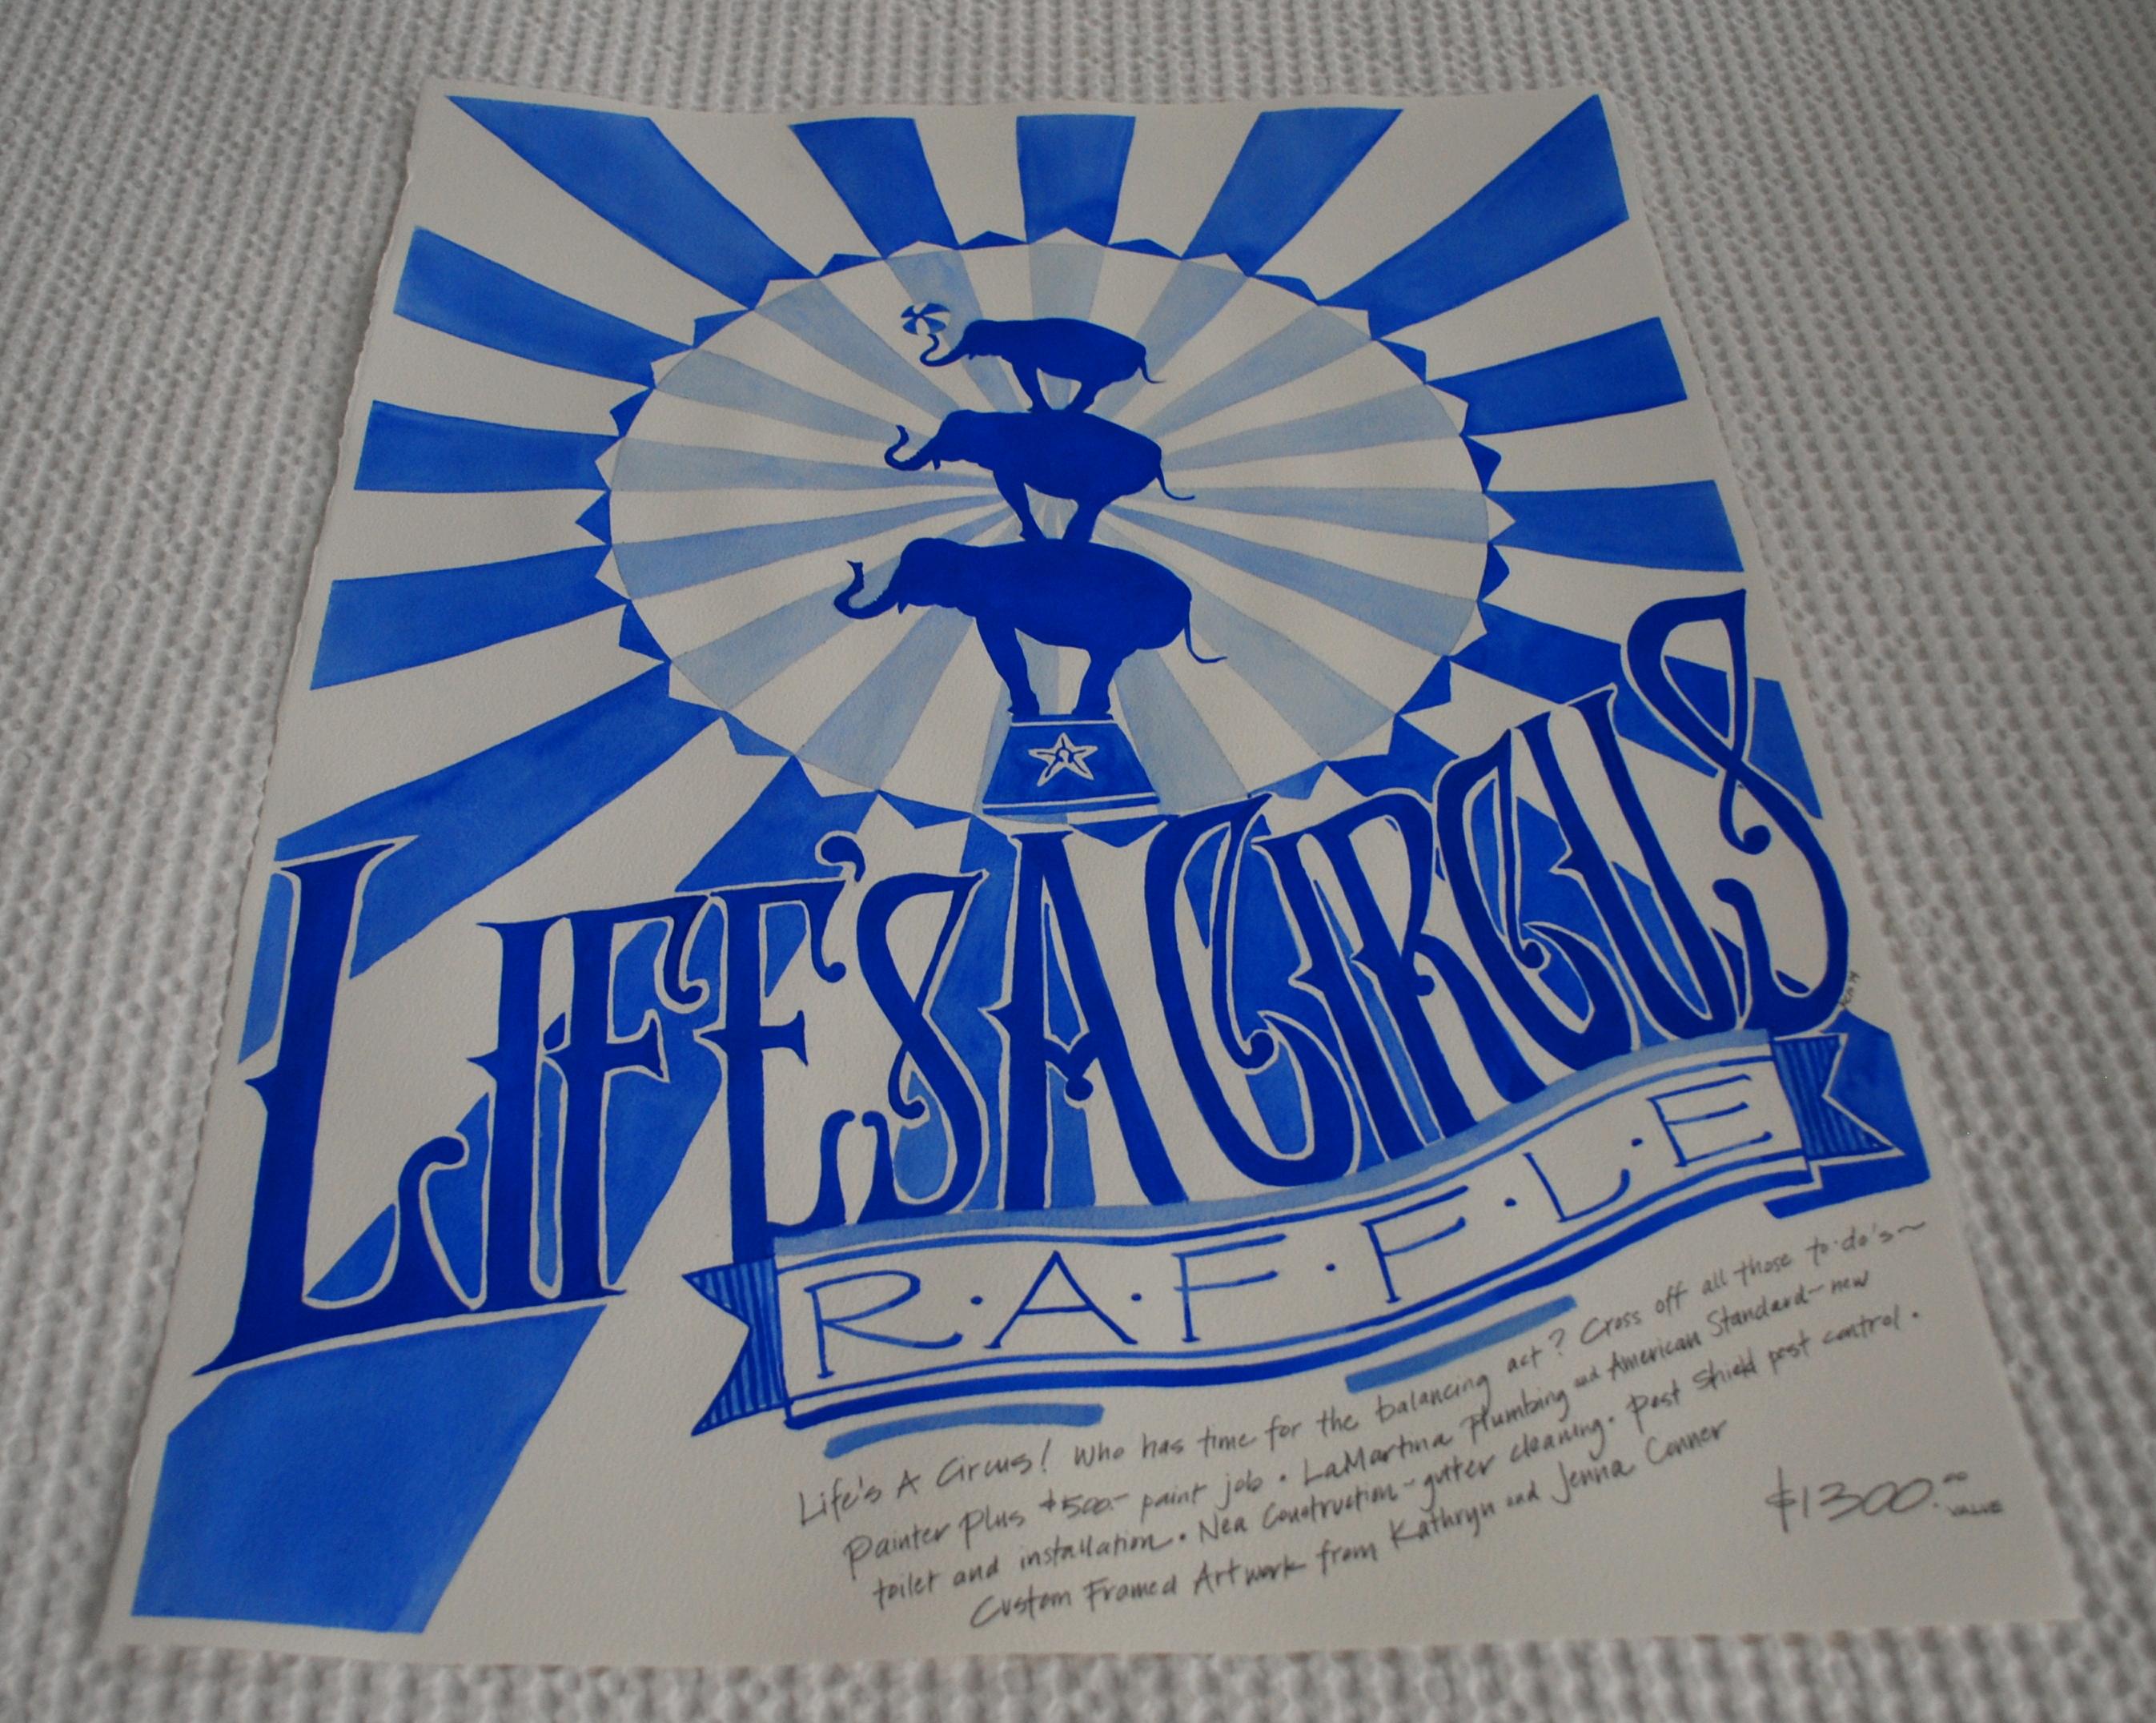 LifesACircus